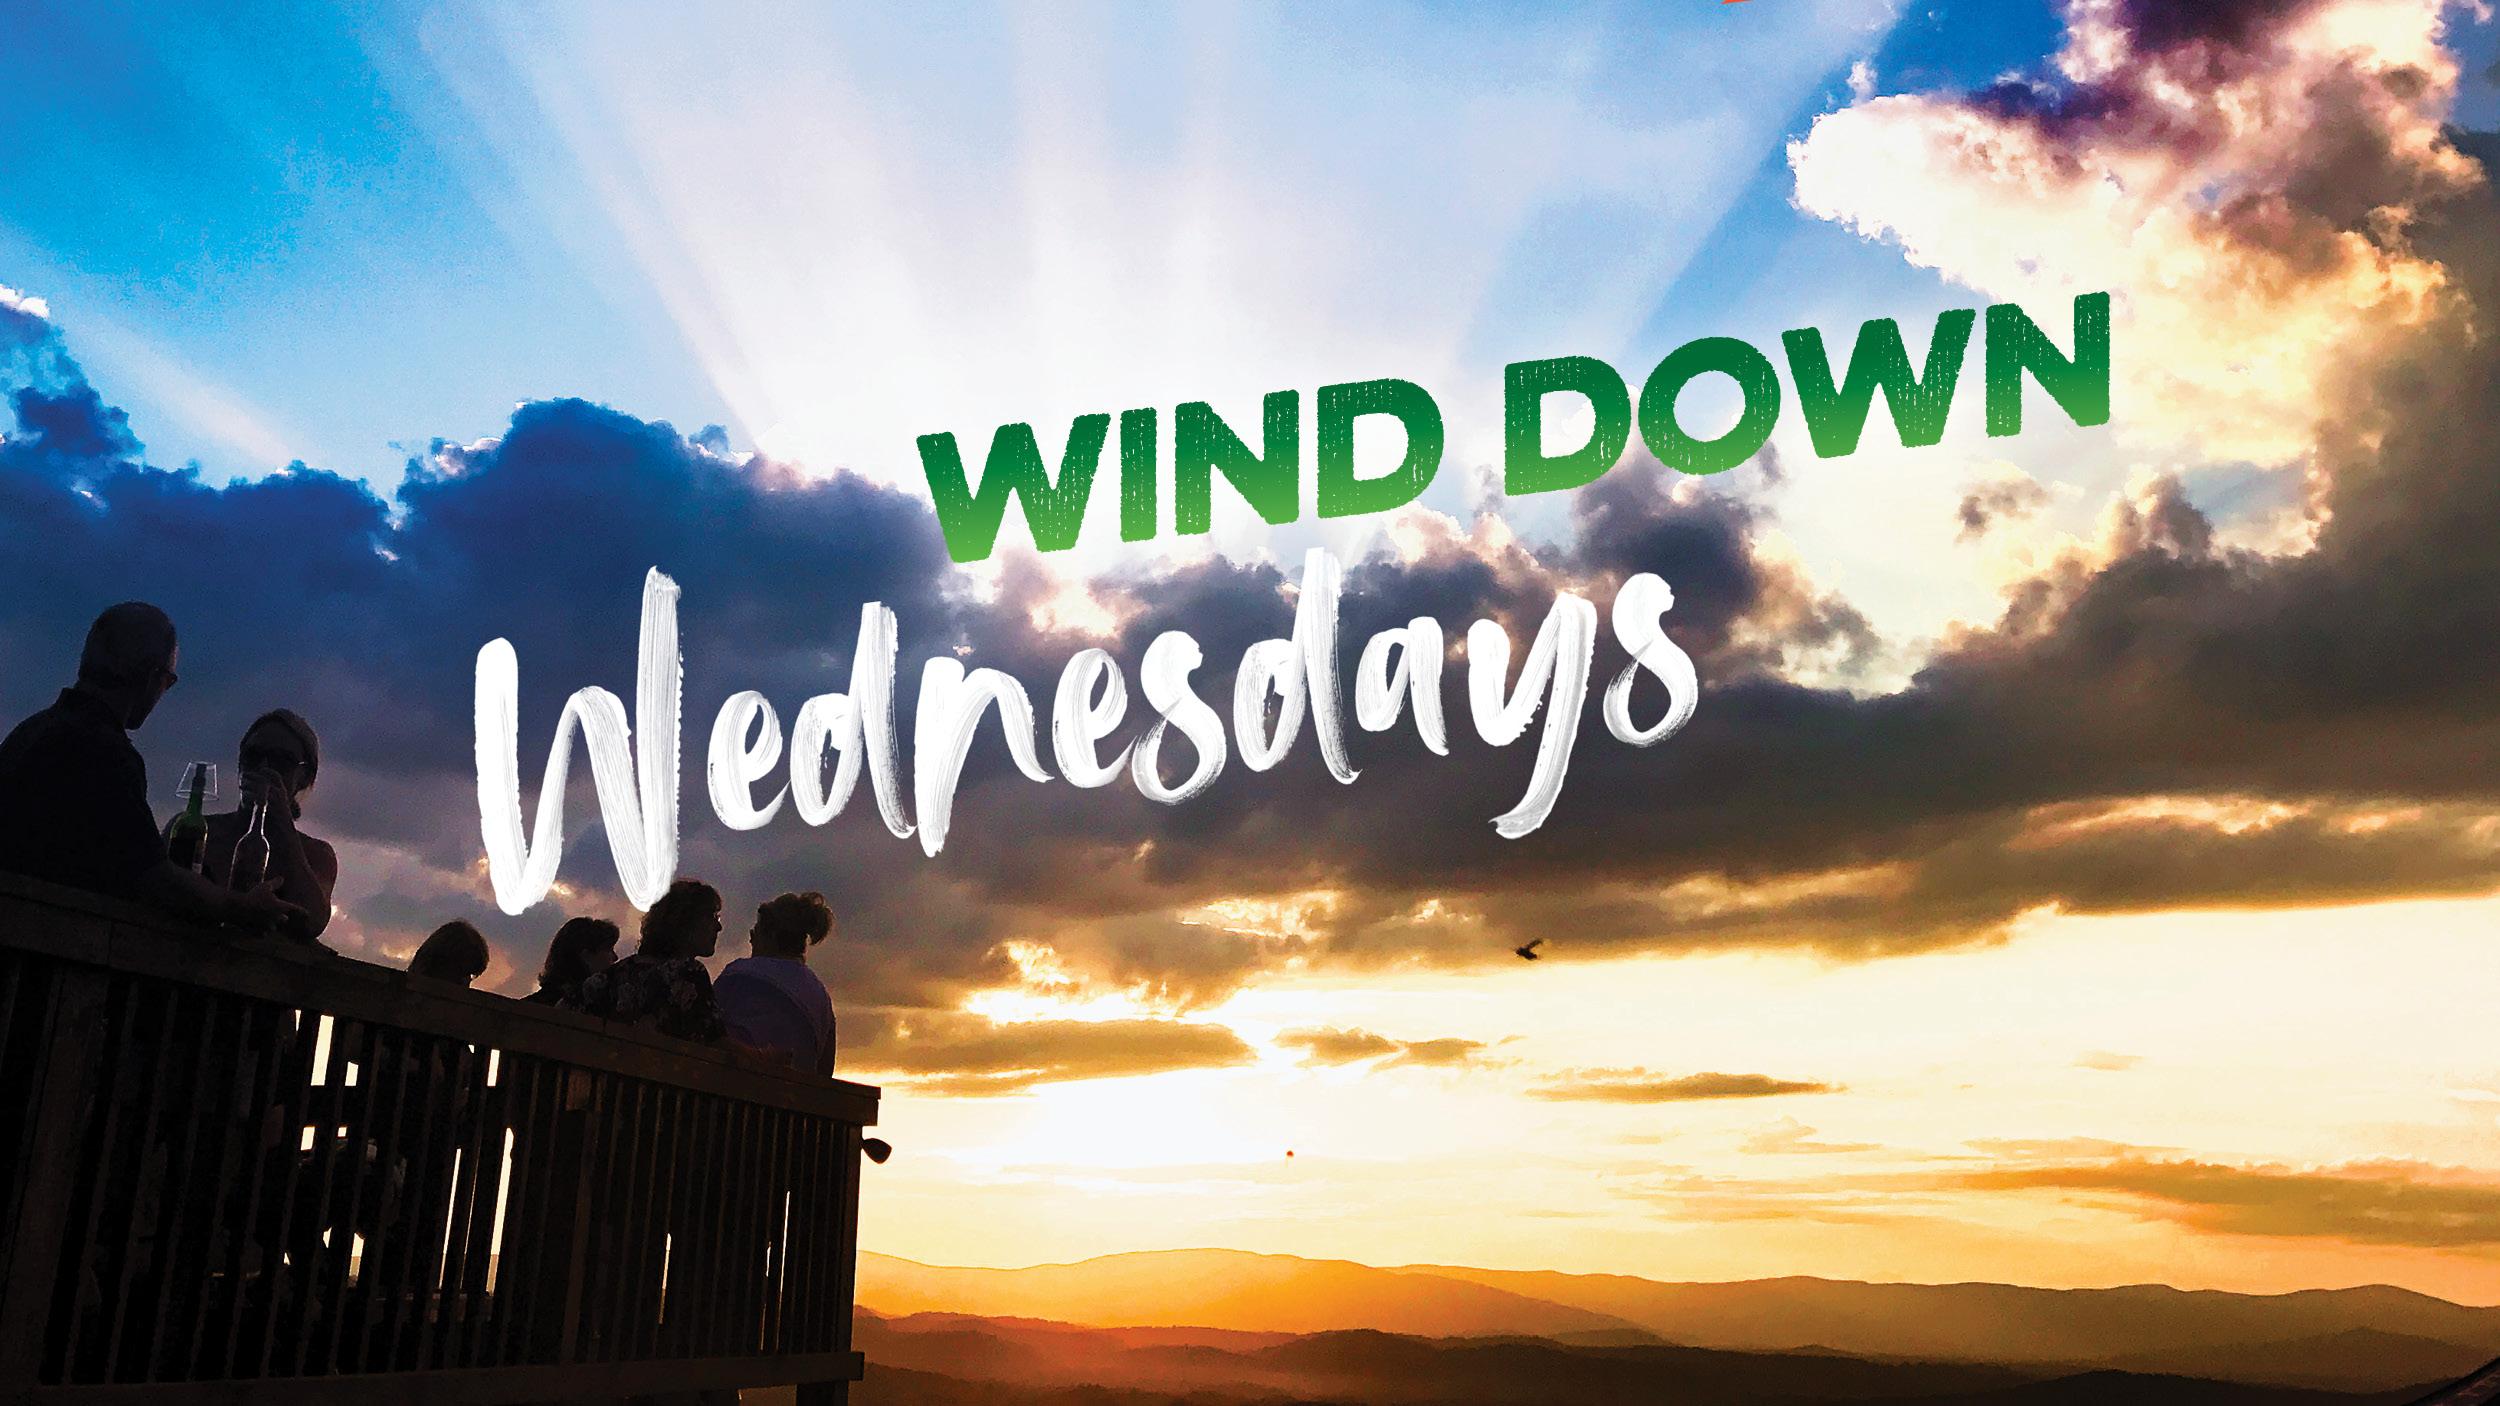 Wind Down Wednesdays graphic